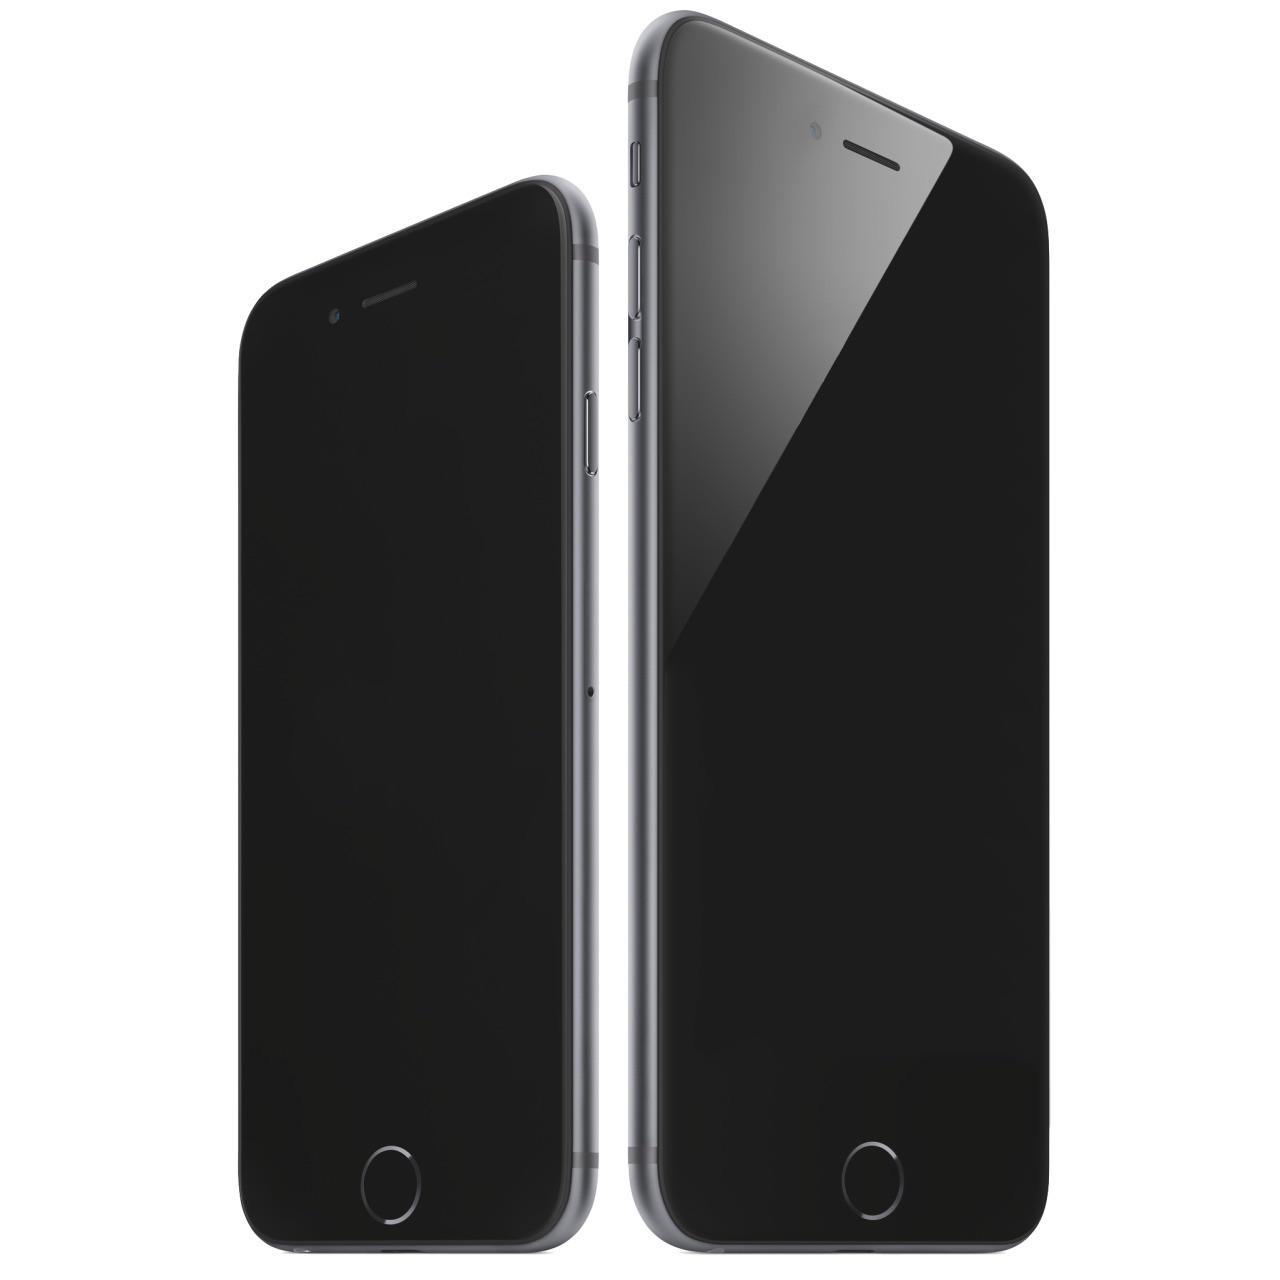 Bloomberg avisa que el nuevo iPhone con ForceTouch entra en producción http://t.co/8nBGqo1z4g